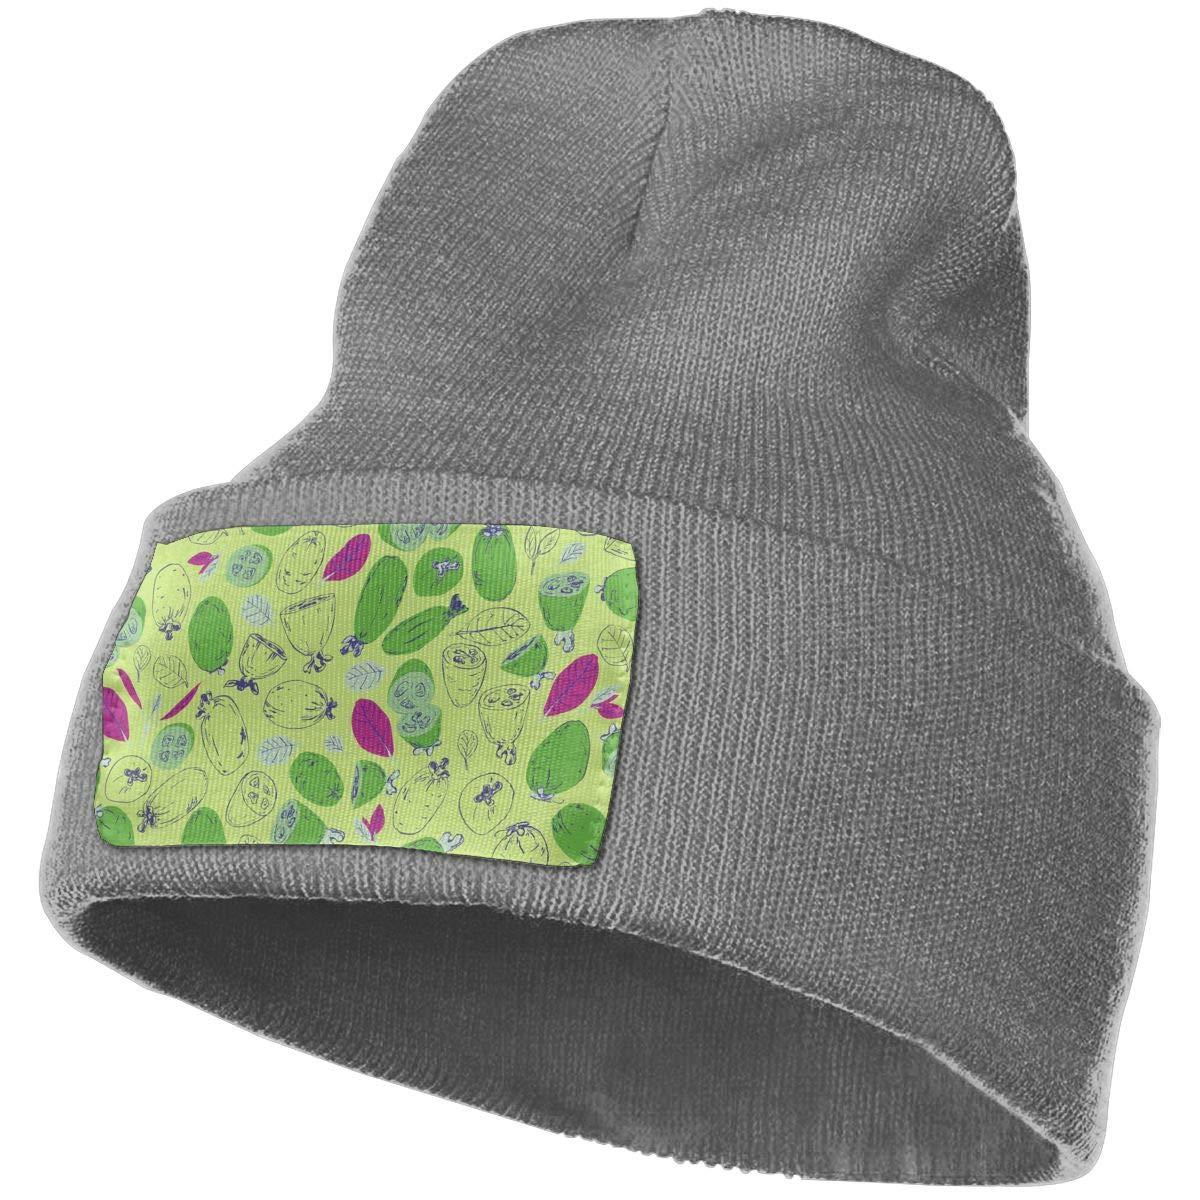 Season Winter Wool Cap Warm Beanies Knitted Hat